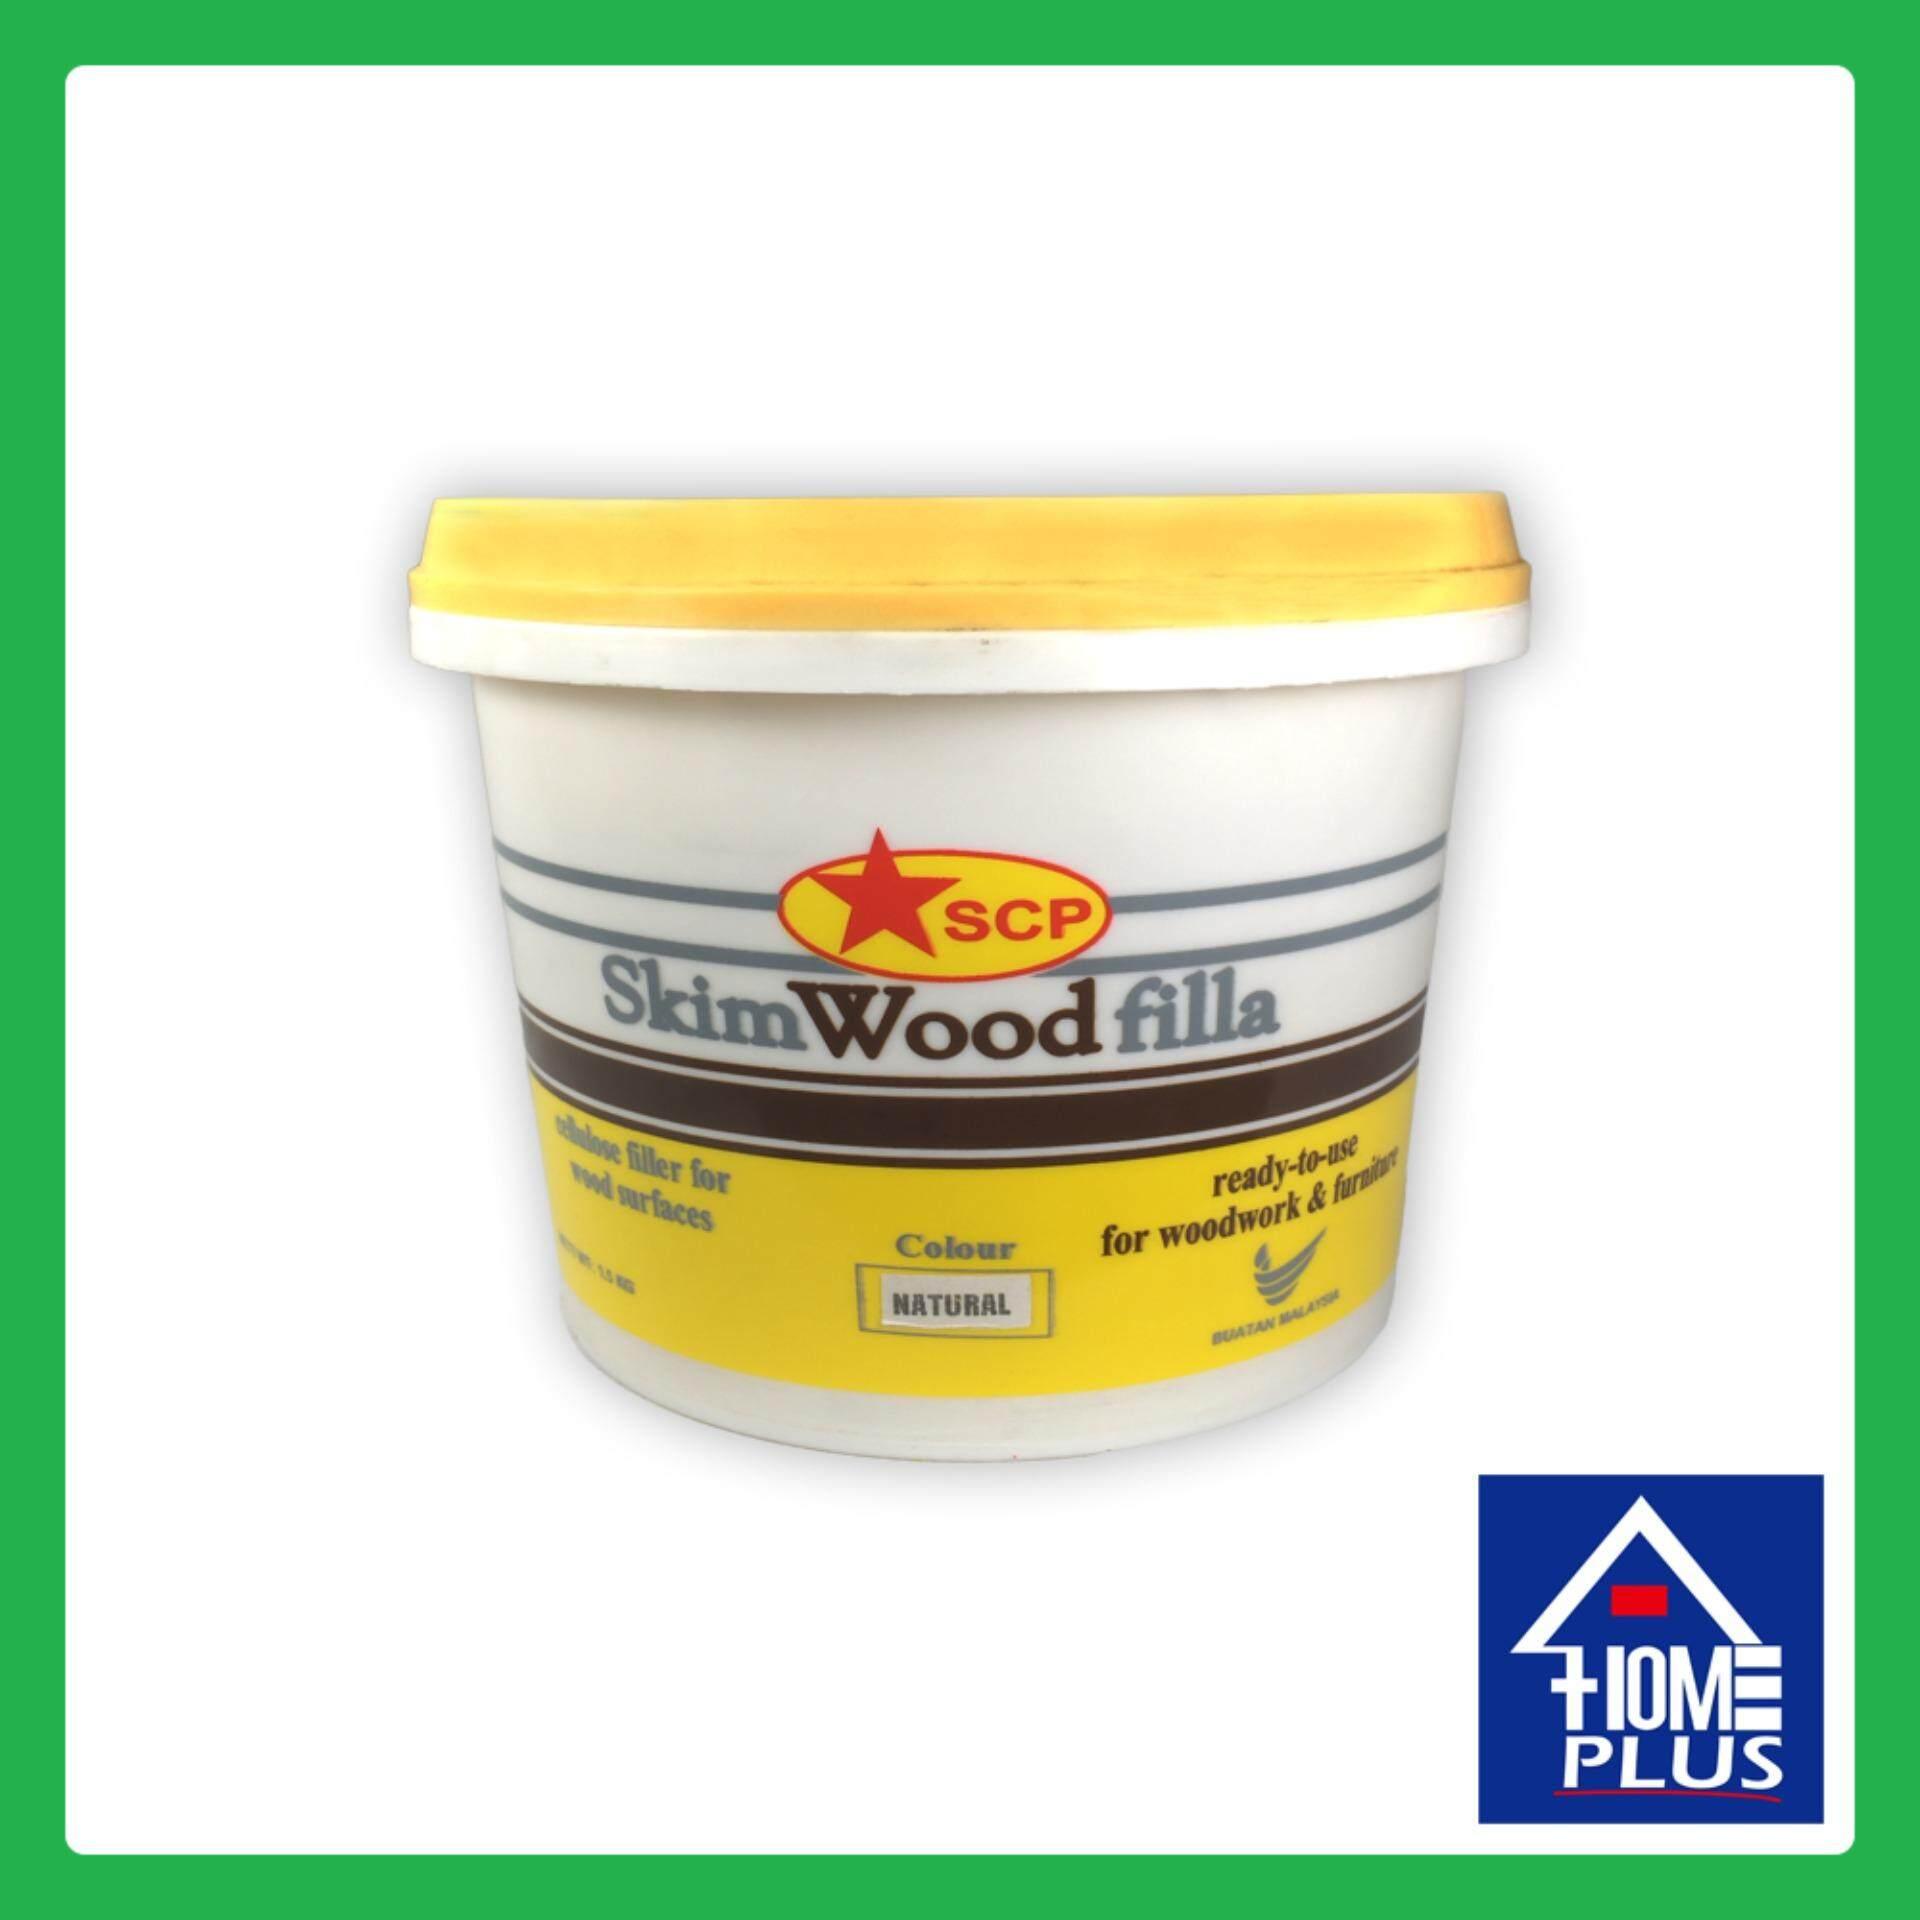 1.5kg SCP Wood Skim Instant Filla Filler Natural Home Kitchen Bathroom